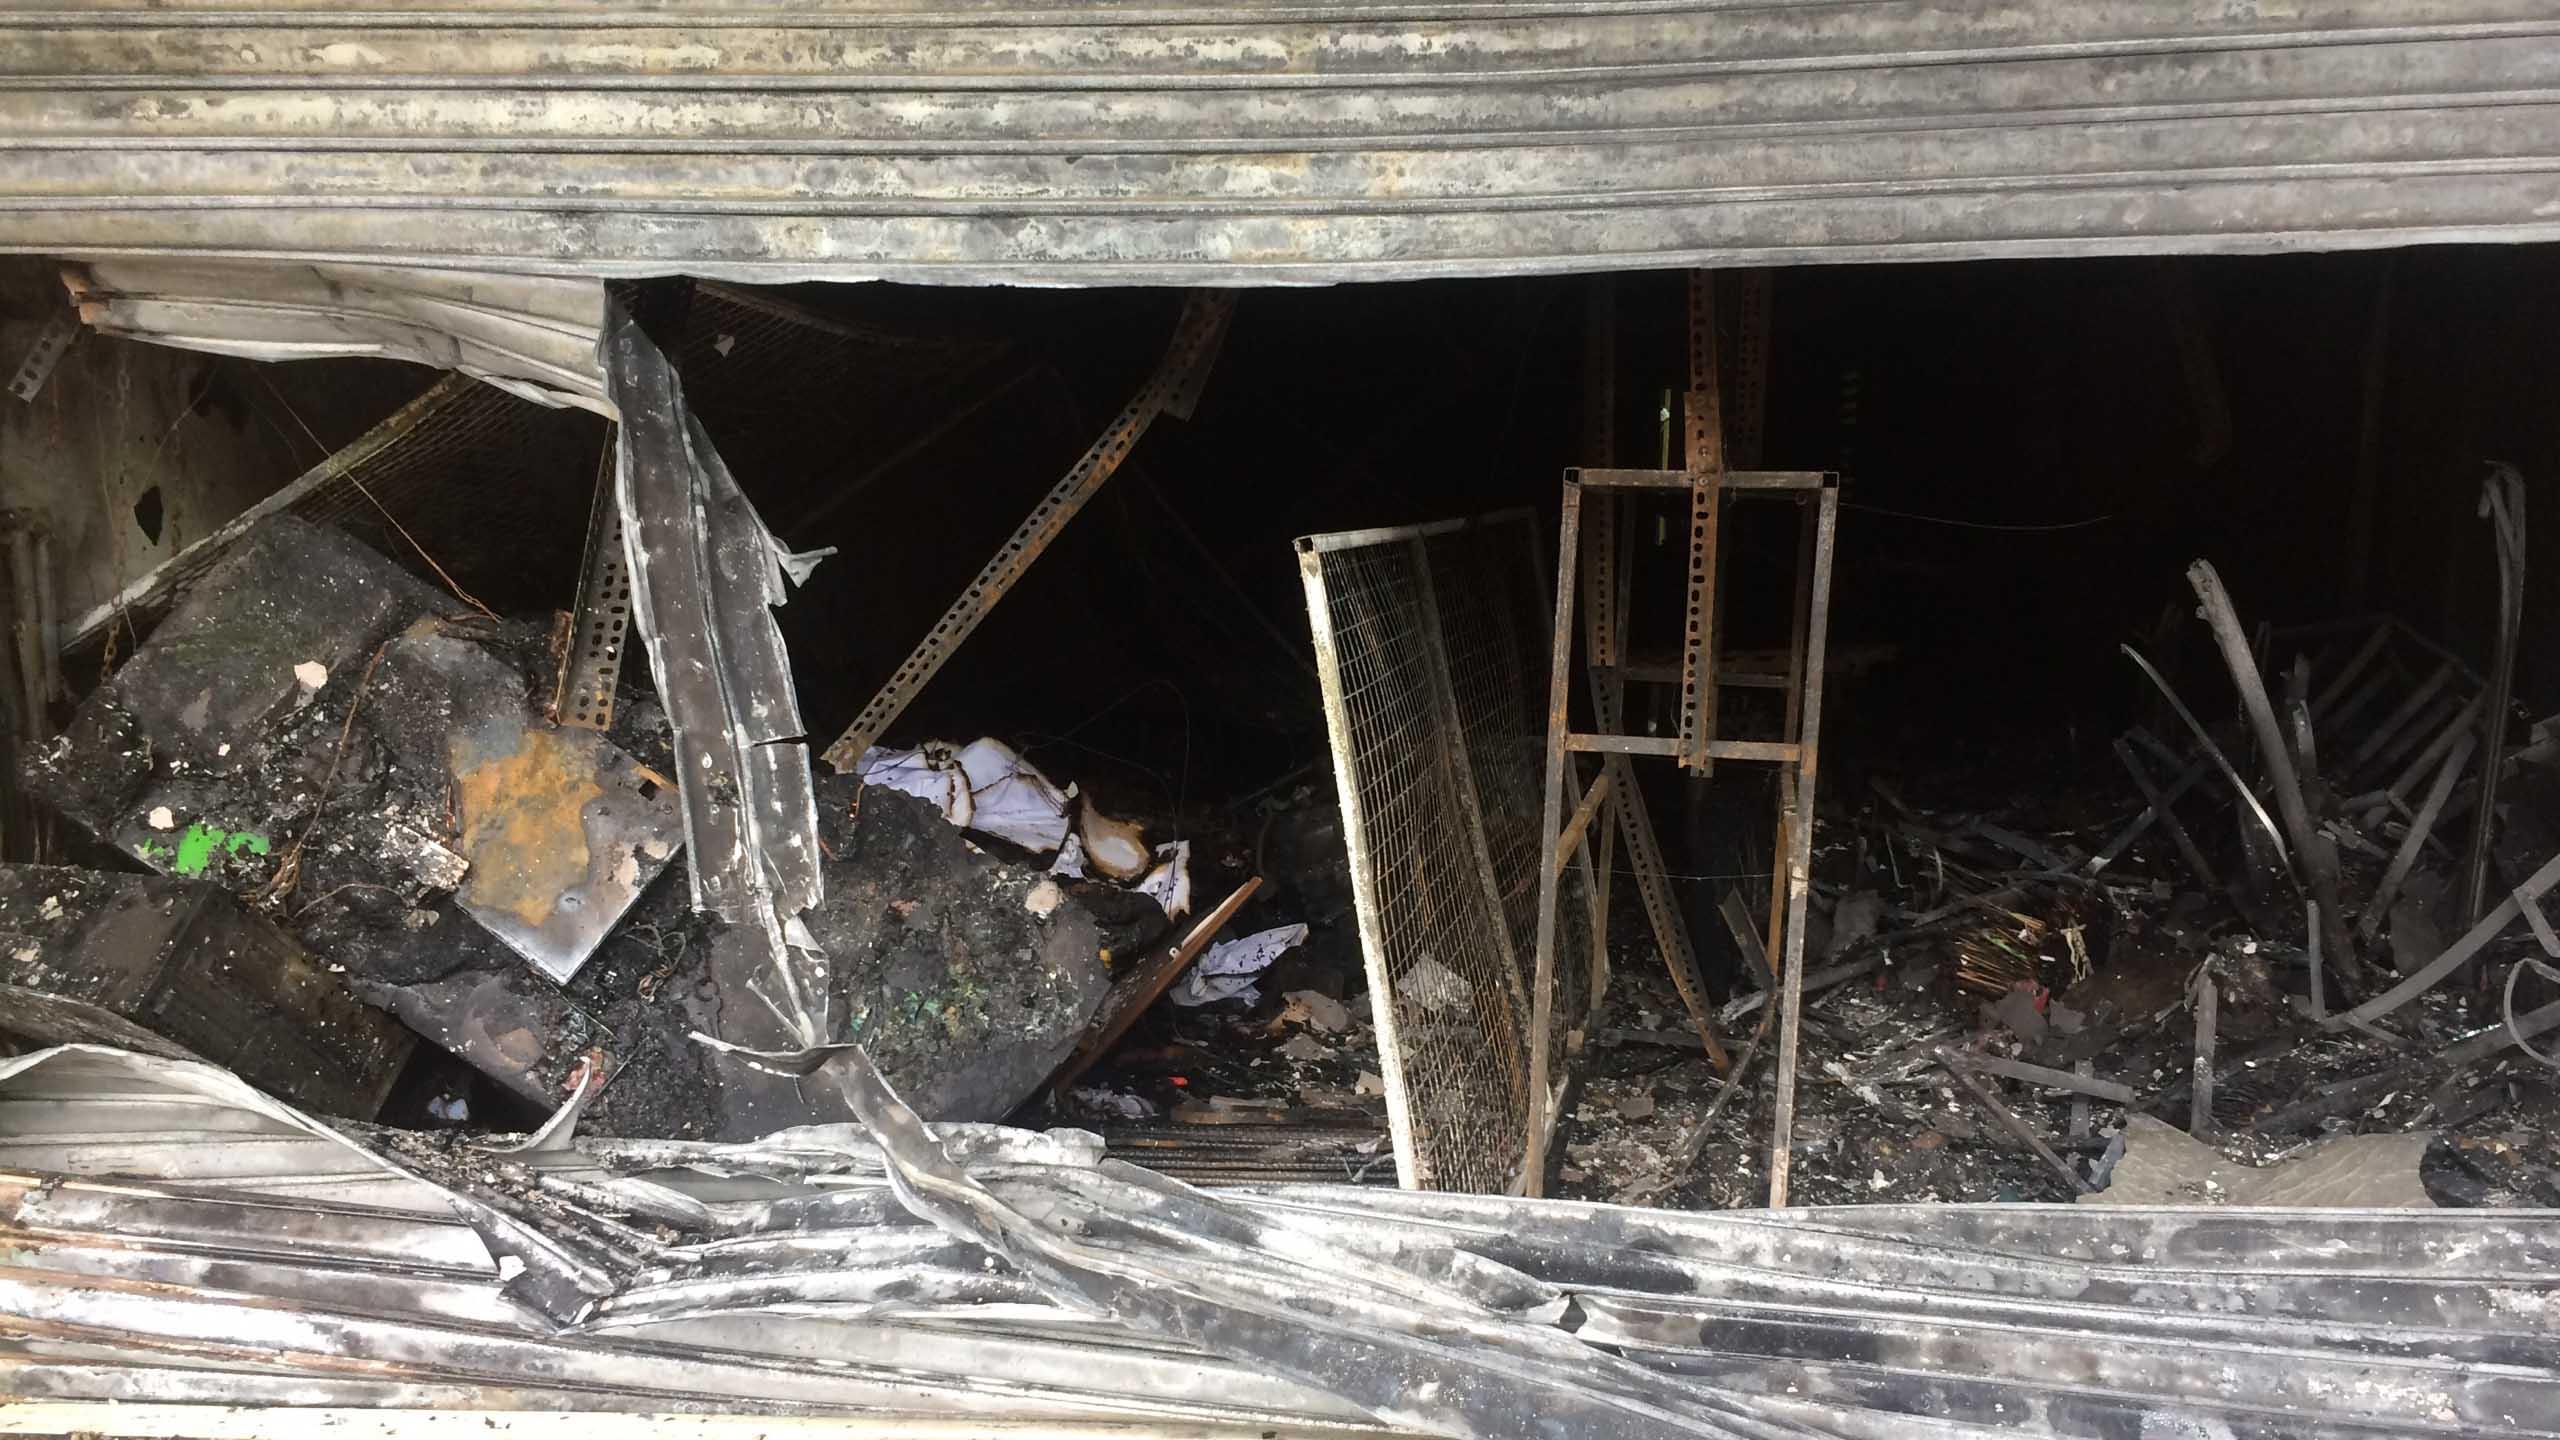 Cháy rụi cửa hàng đồ chơi, 3 người thoát nạn - Ảnh 2.